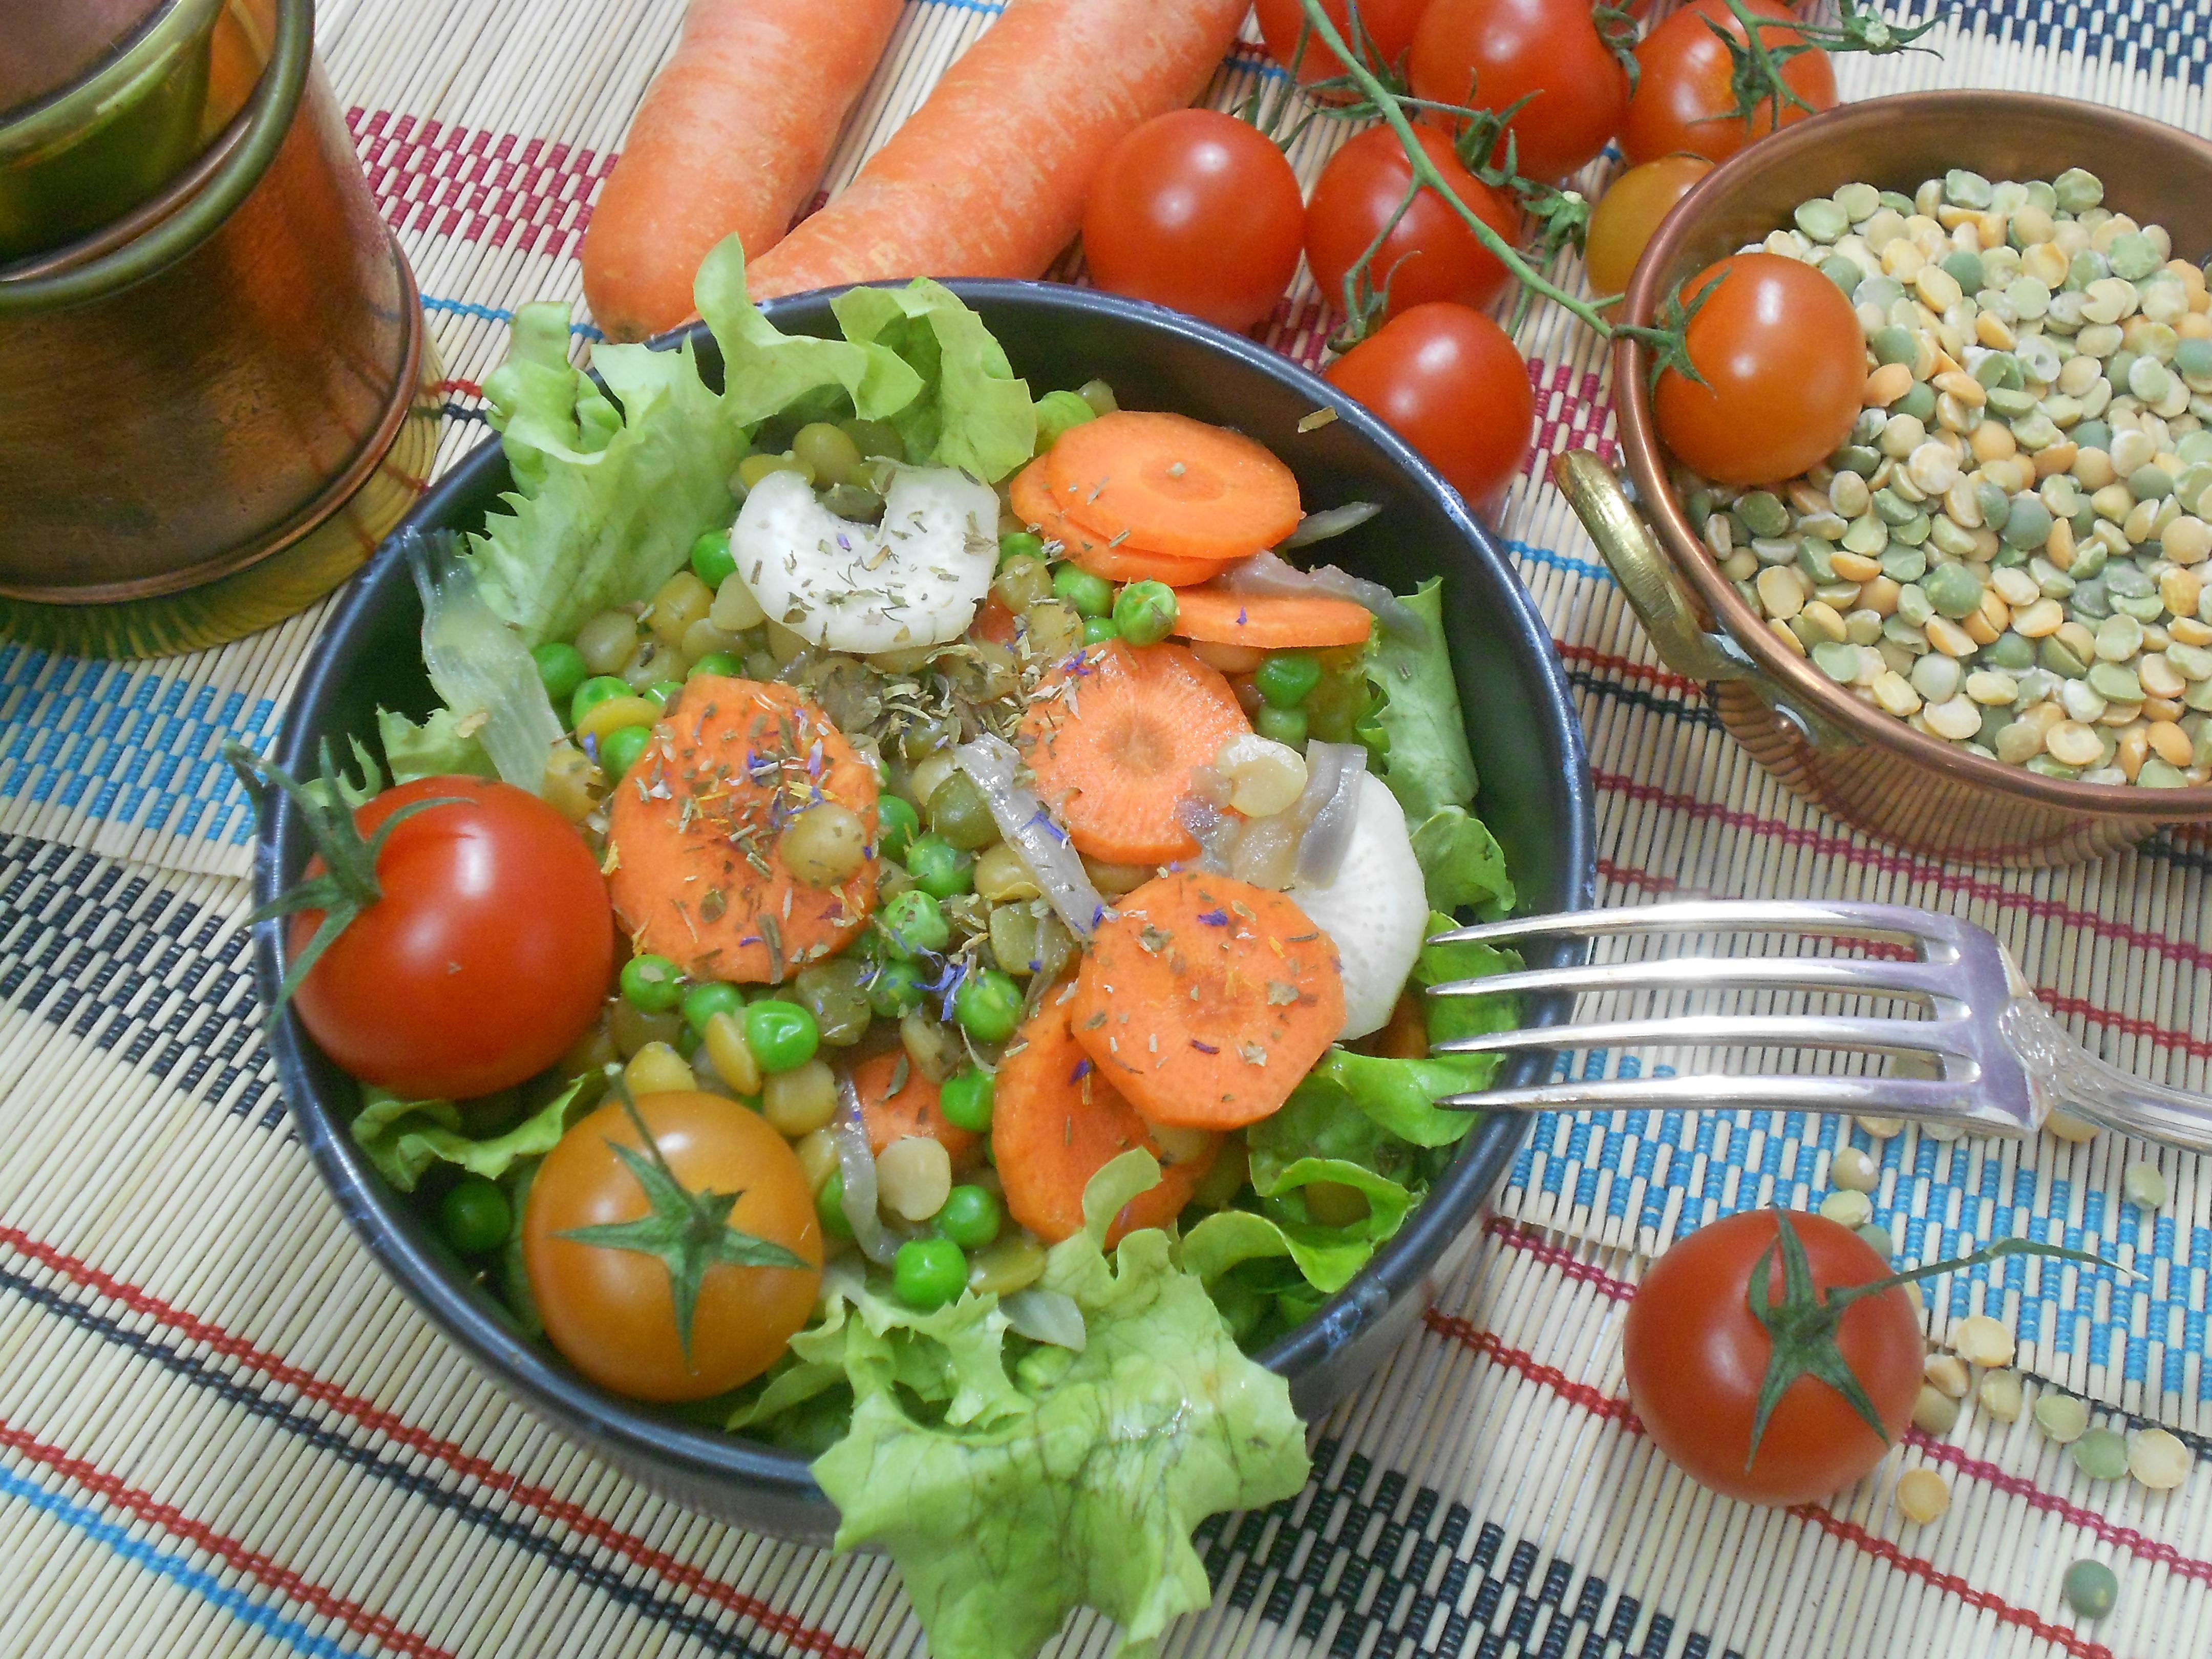 une salade de légumineuses un aliment riche en fibres